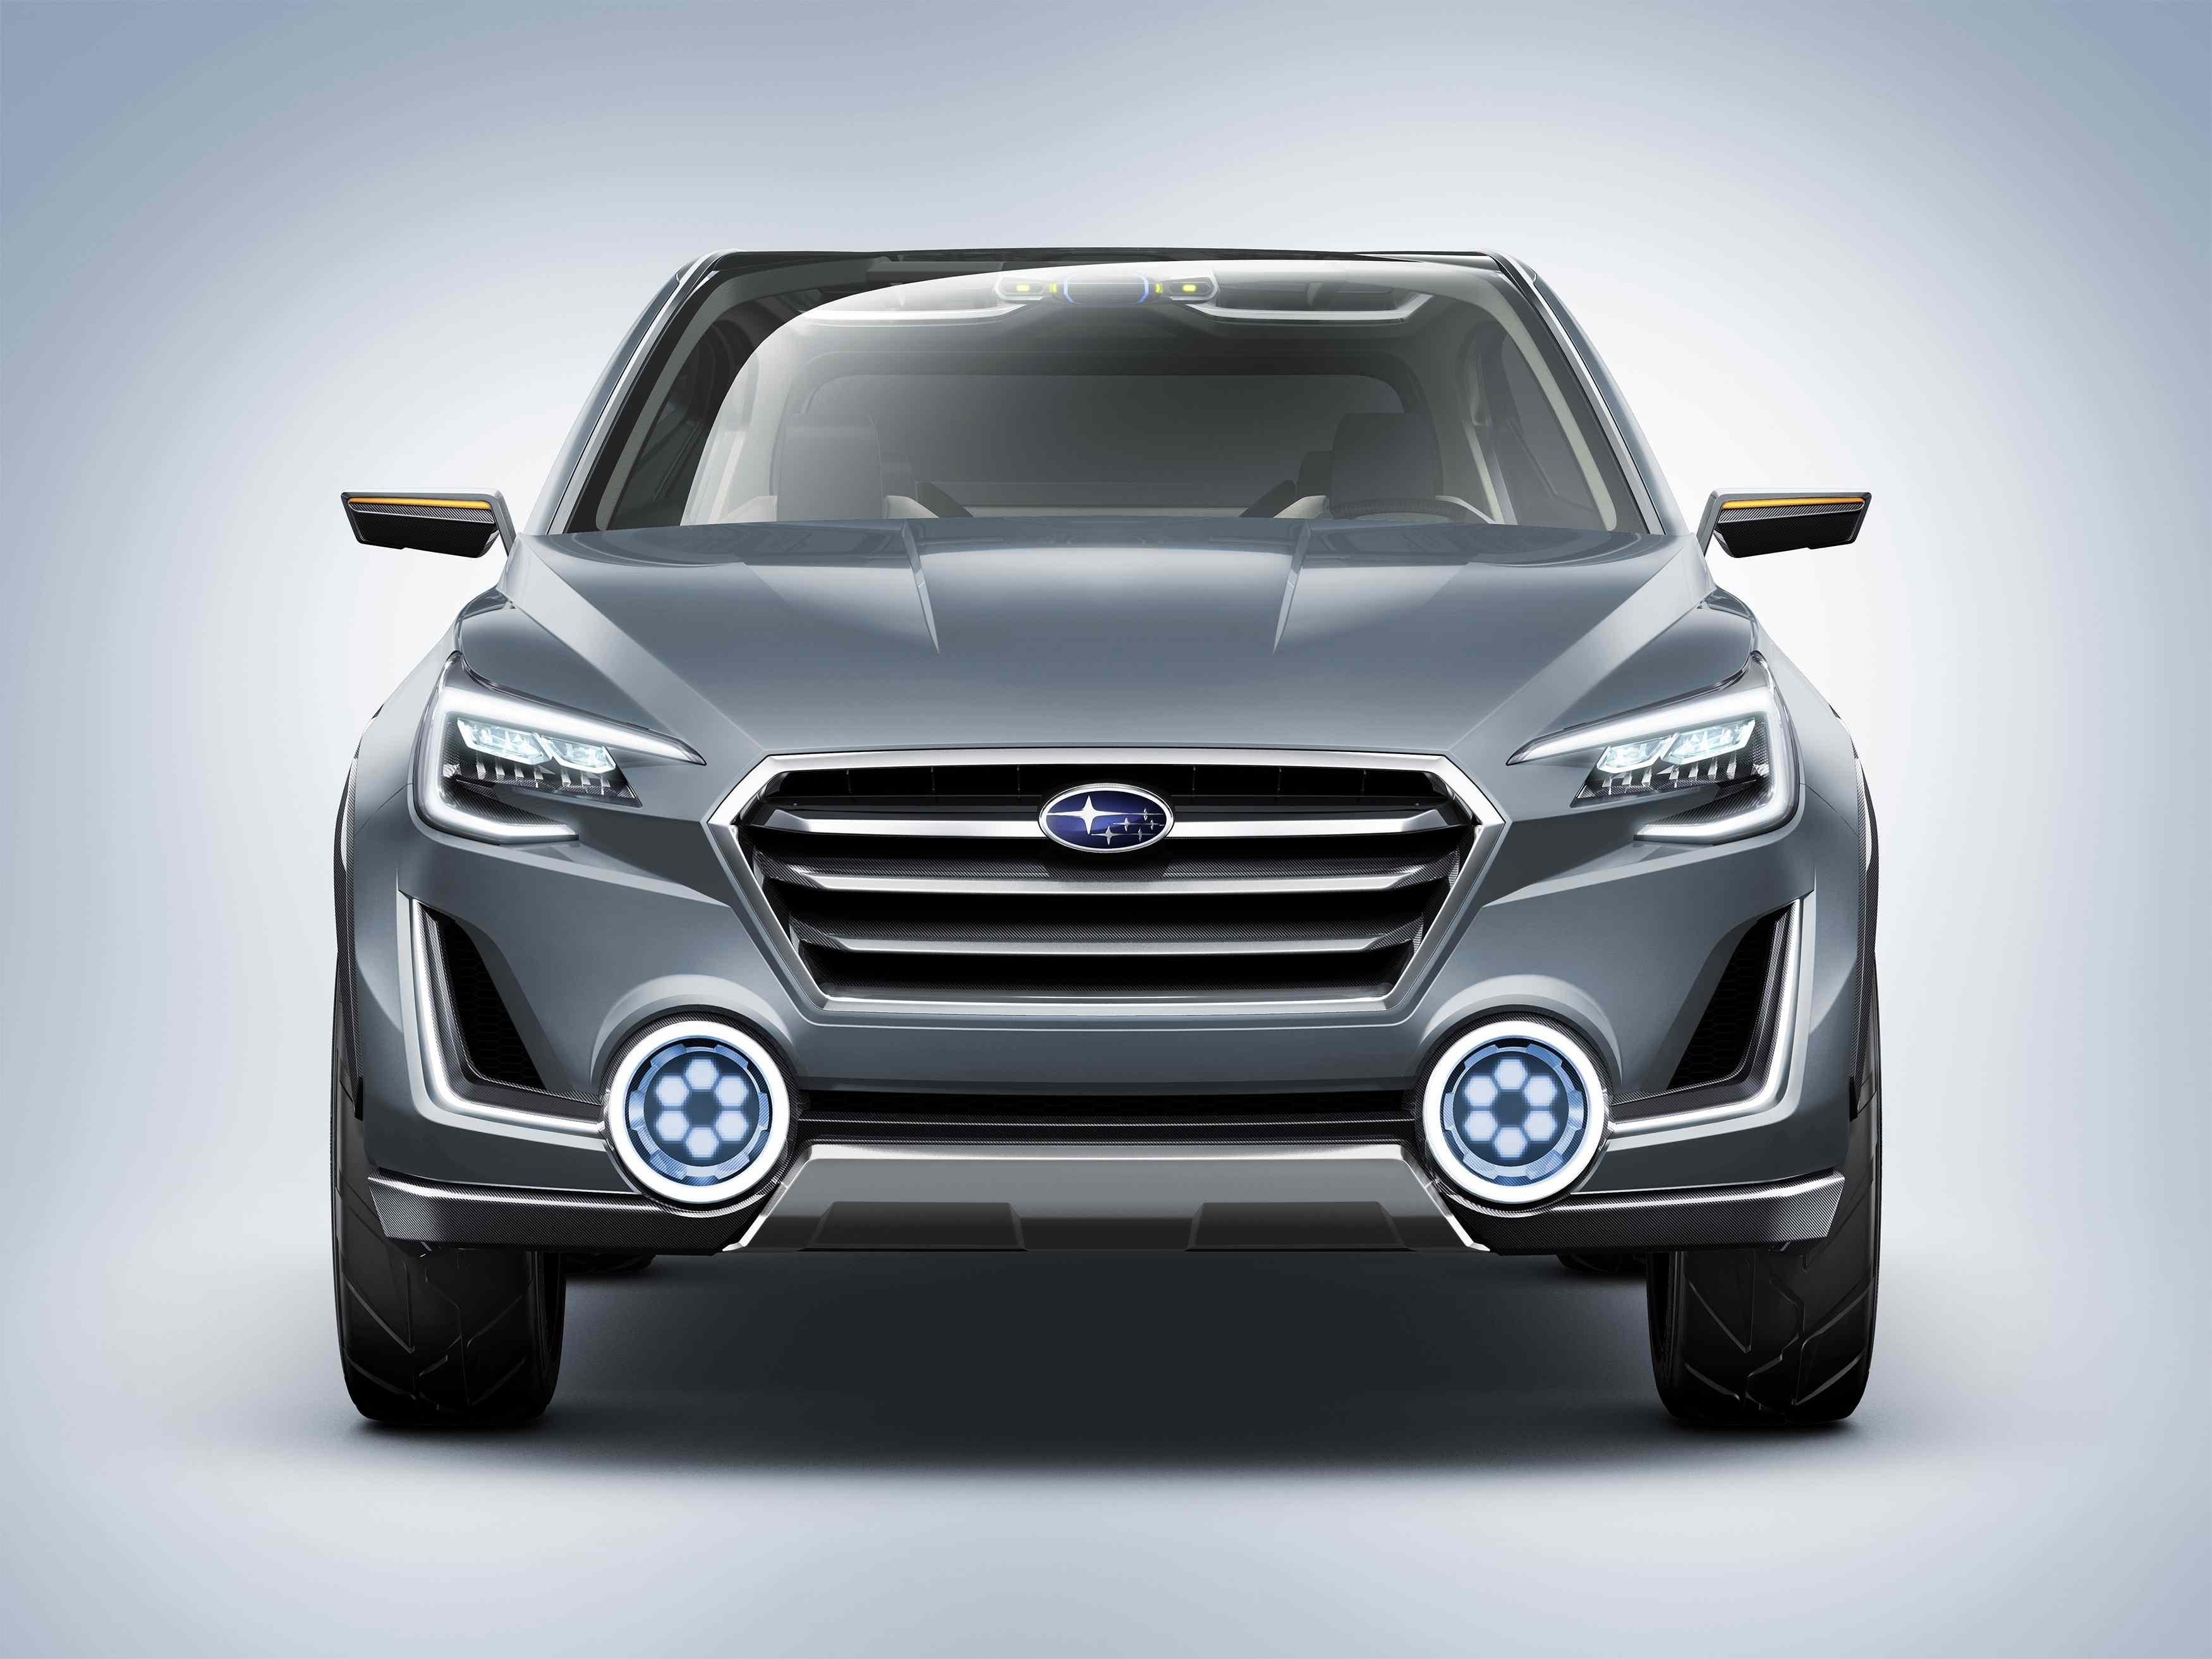 Subaru's Future Vision: Latest News